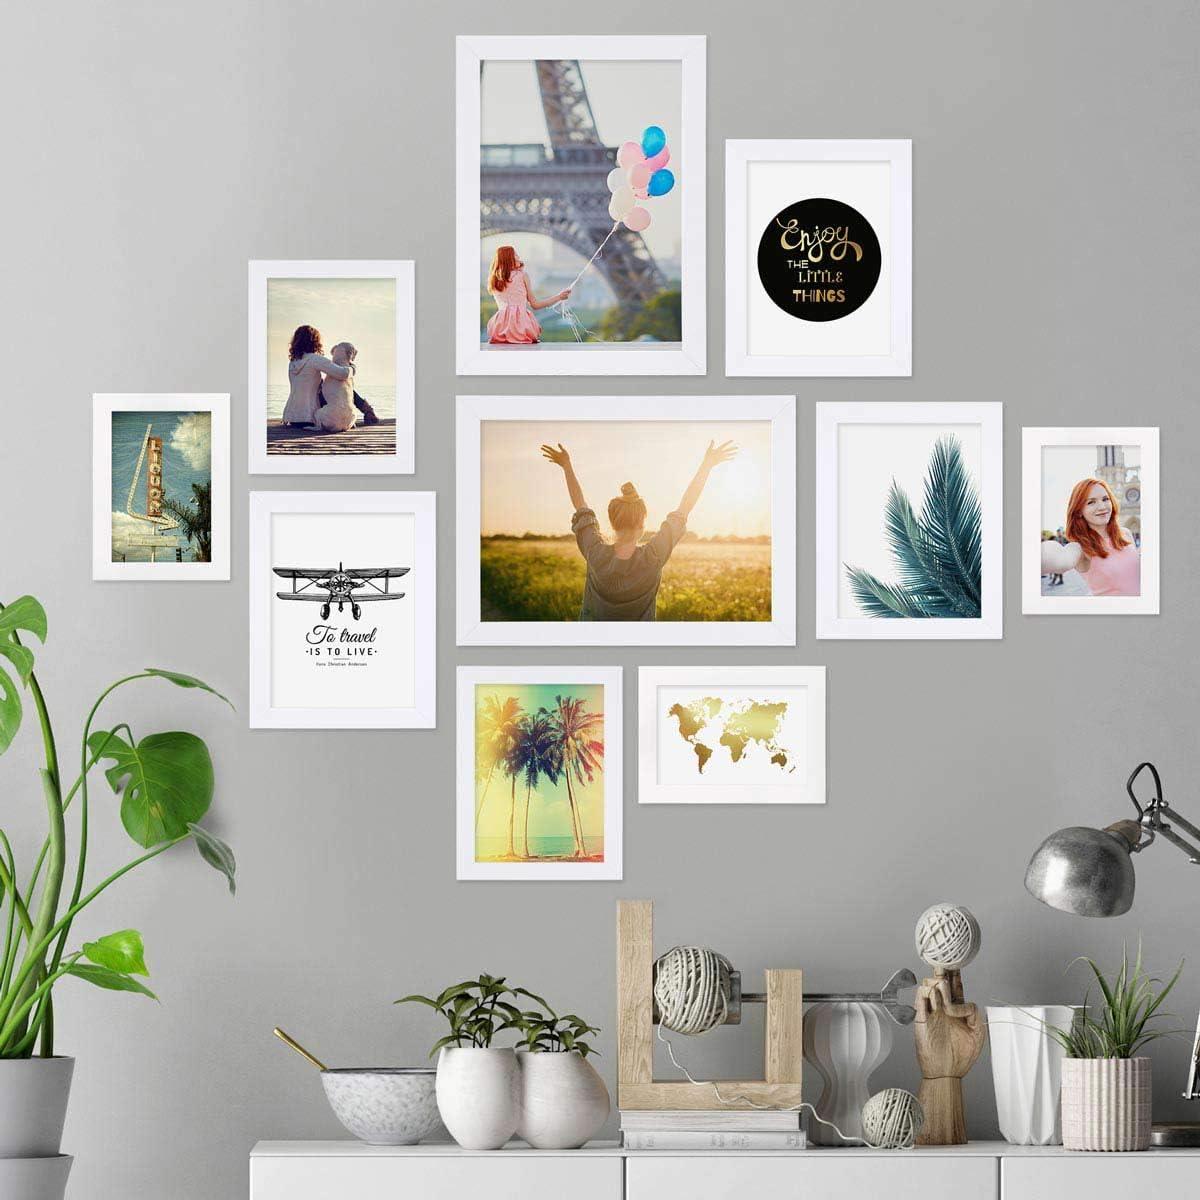 marcos con collage de fotos